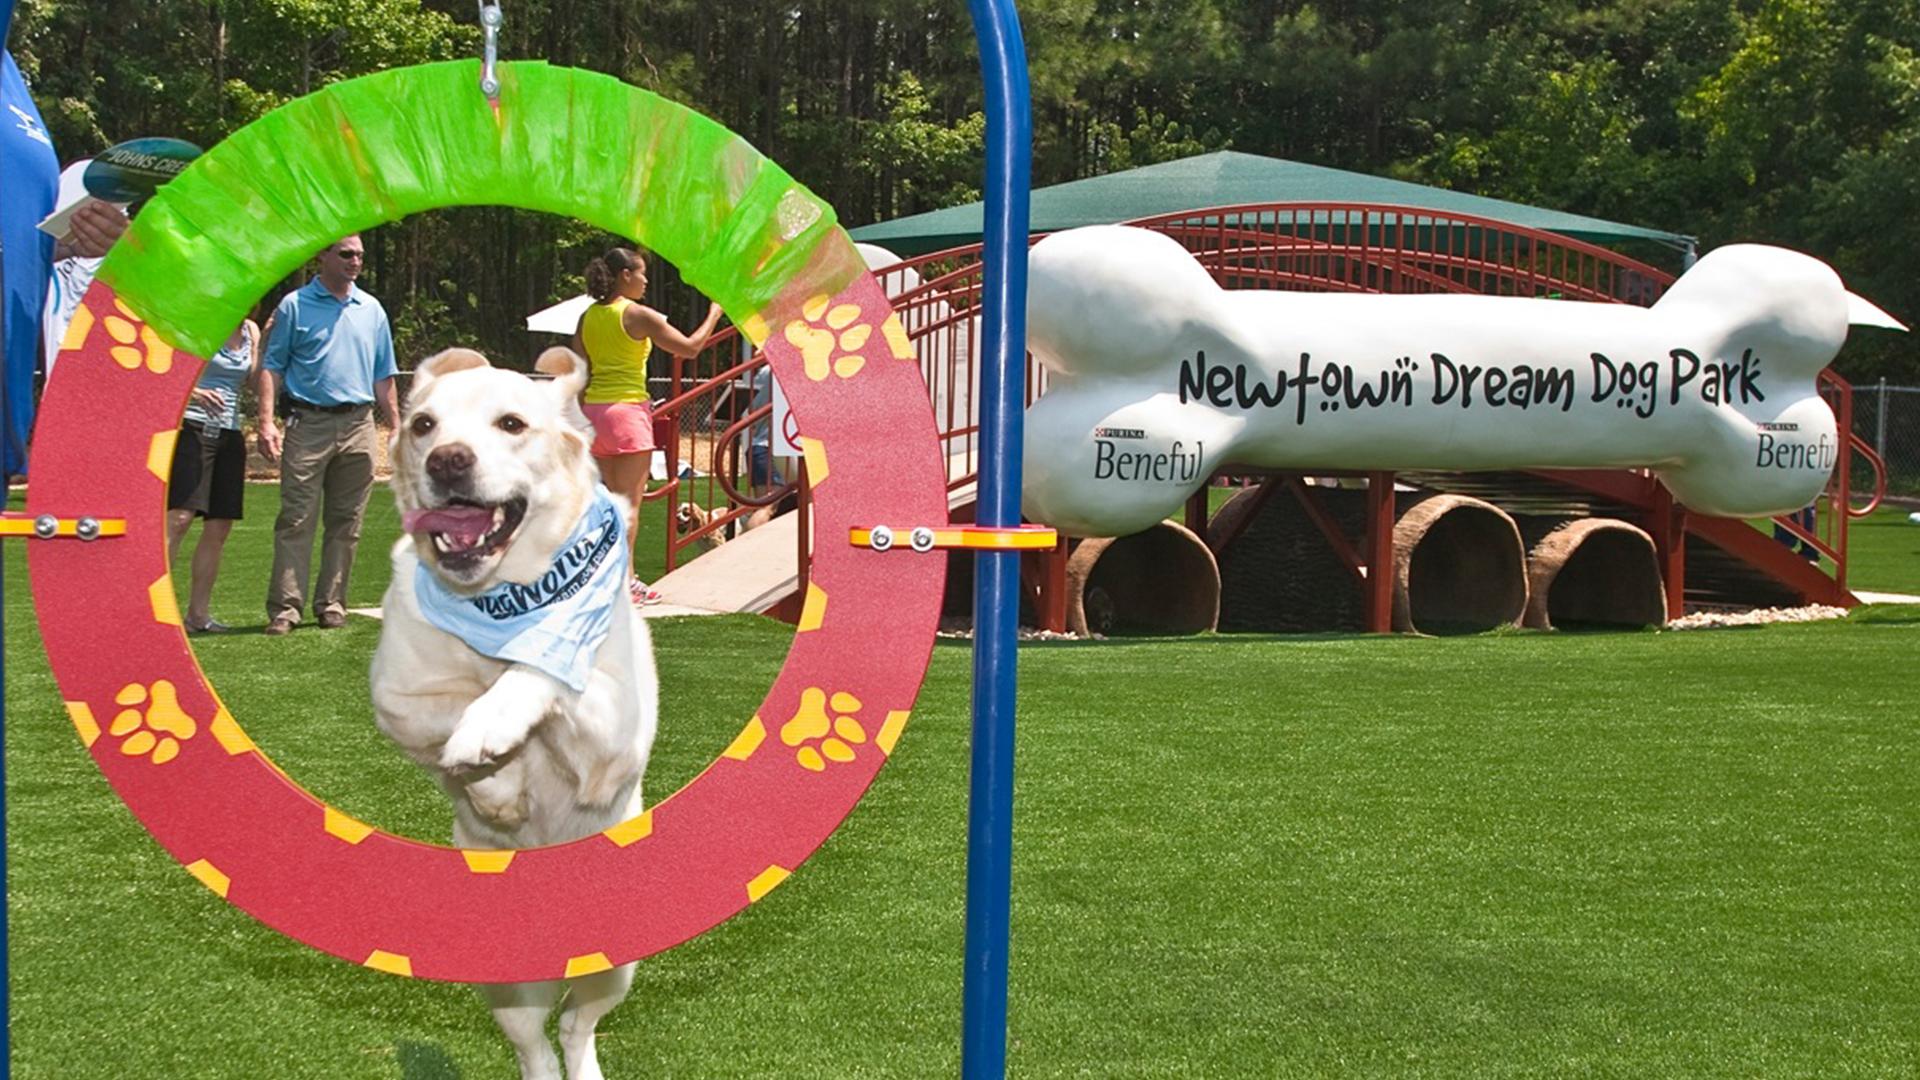 Newtown Dream Dog Park